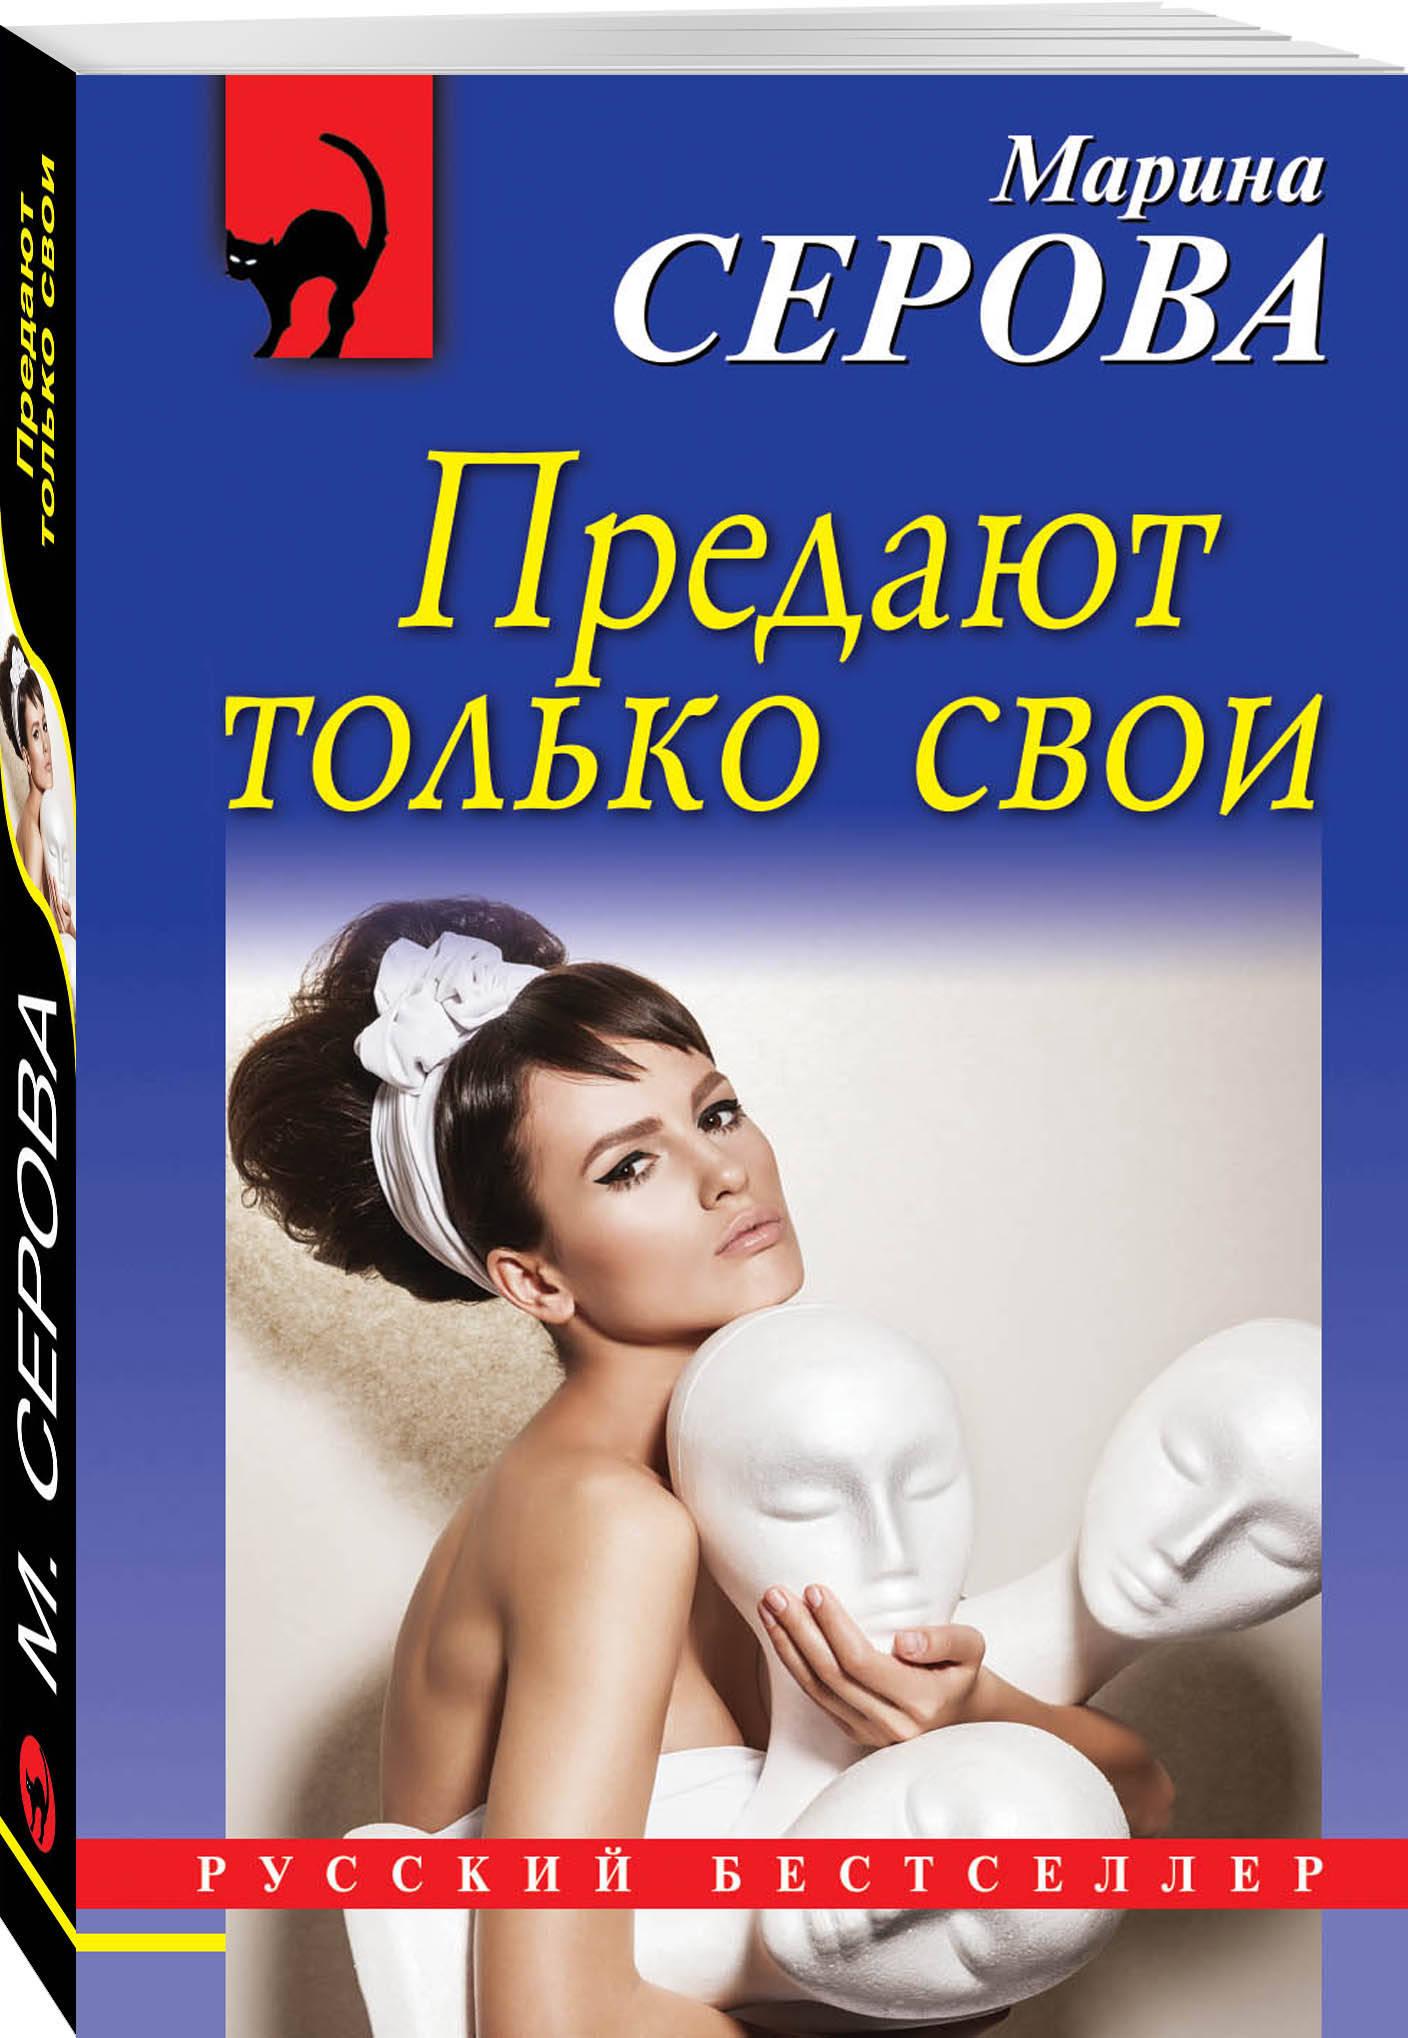 Марина Серова Предают только свои